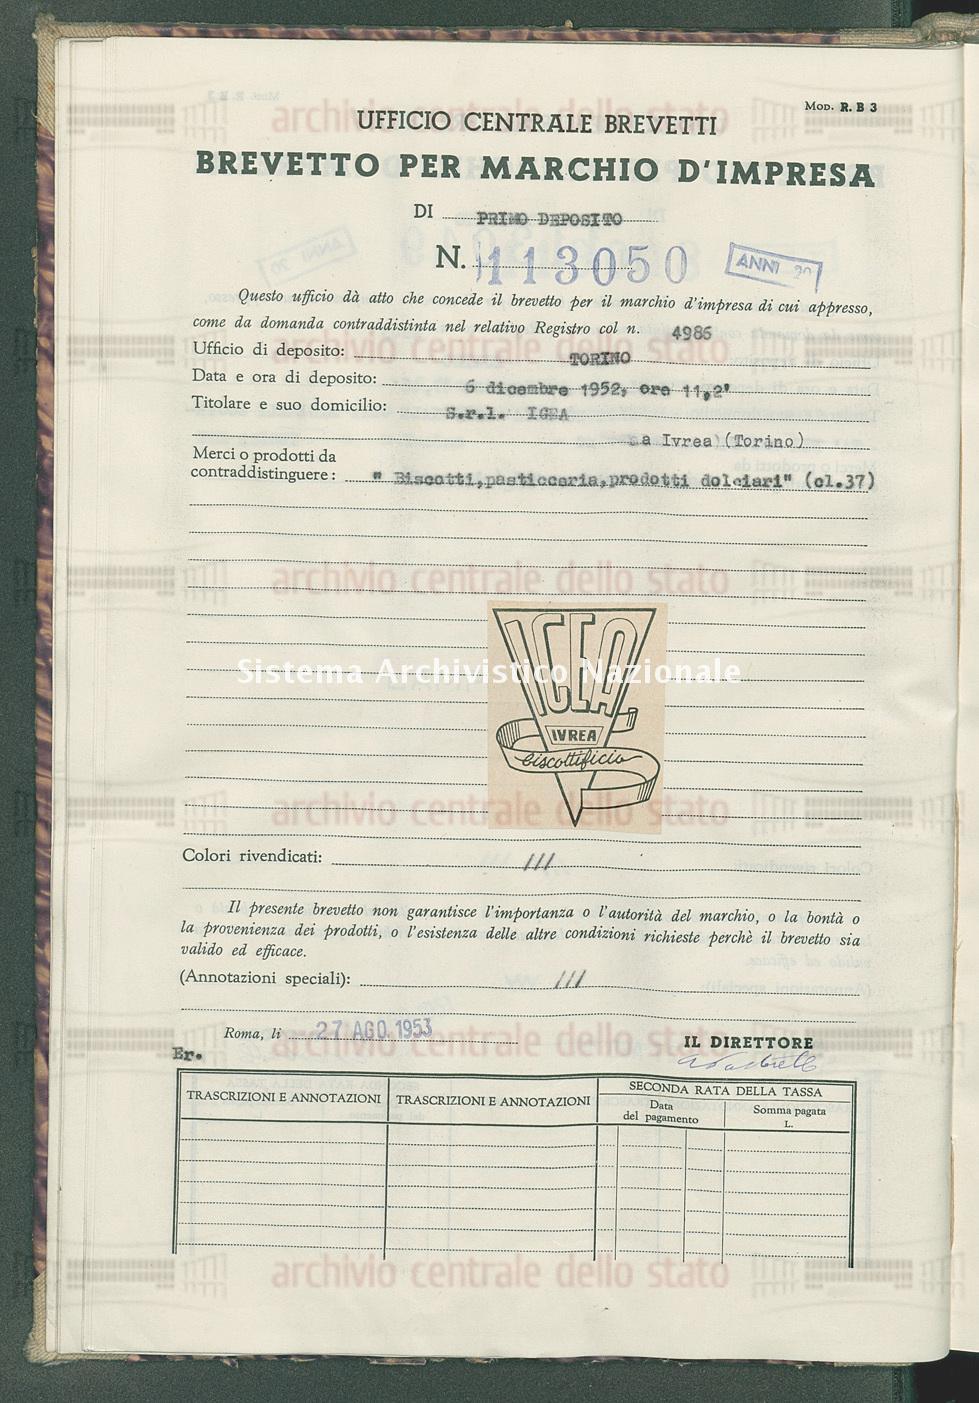 'Biscotti, pasticceria, prodotti dolciari' S.R.L.Igea (27/08/1953)